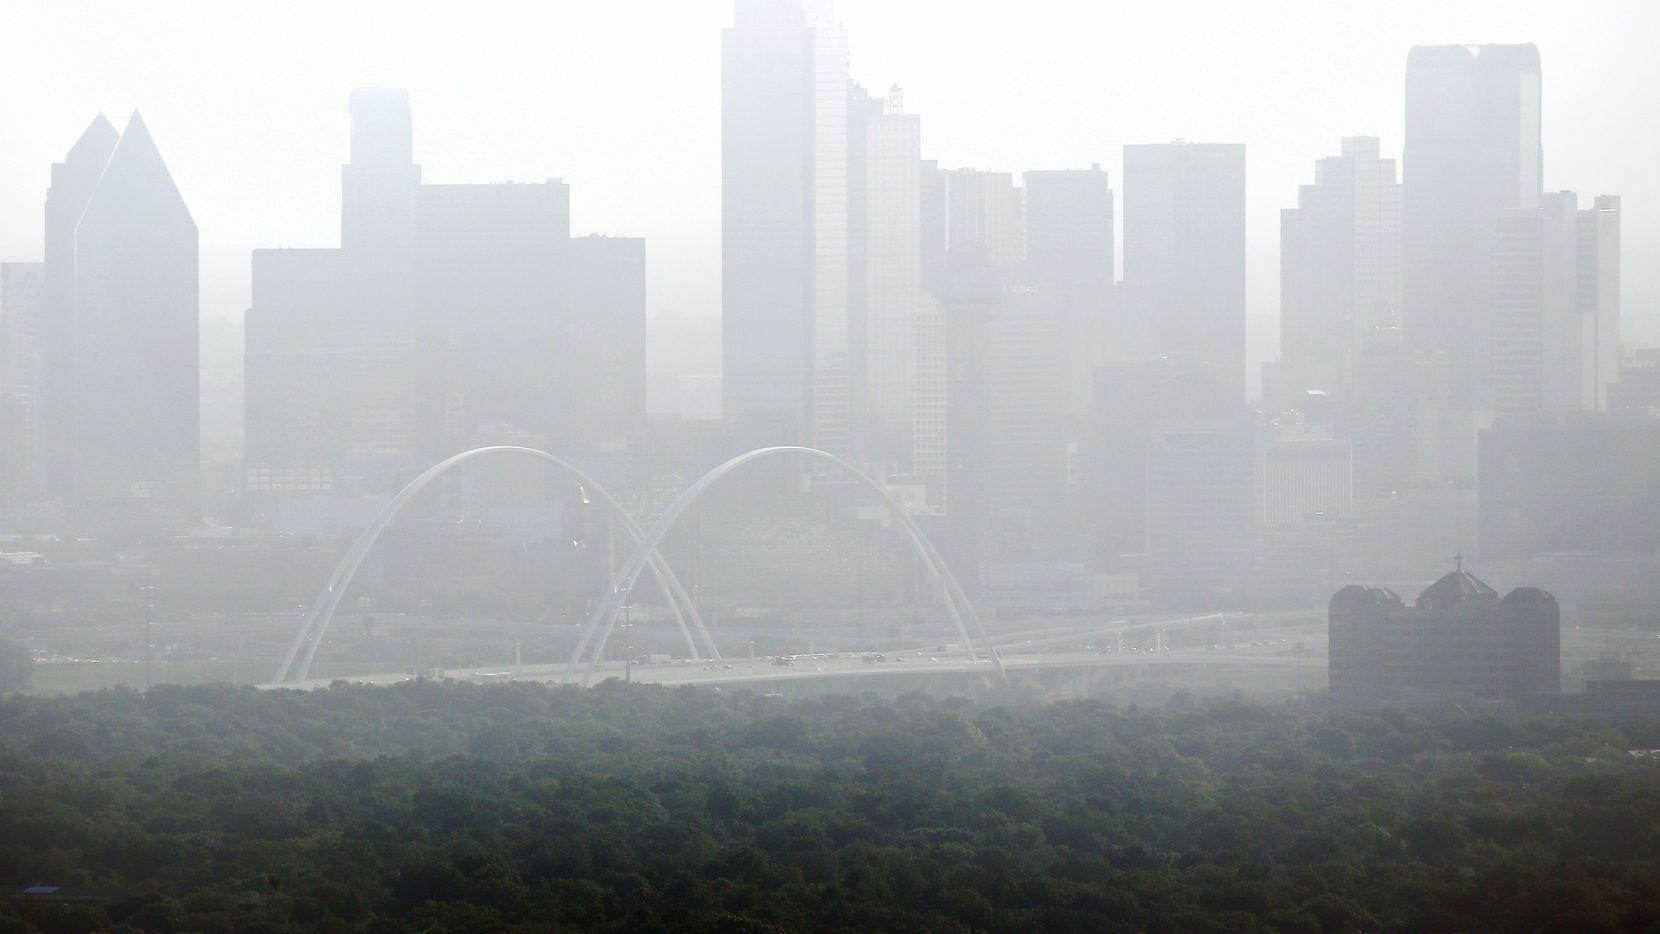 Una intensa bruma se pudo apreciar el viernes en el centro de Dallas con la llegada de una nube de polvo del Sahara, que se quedará durante el fin de semana.